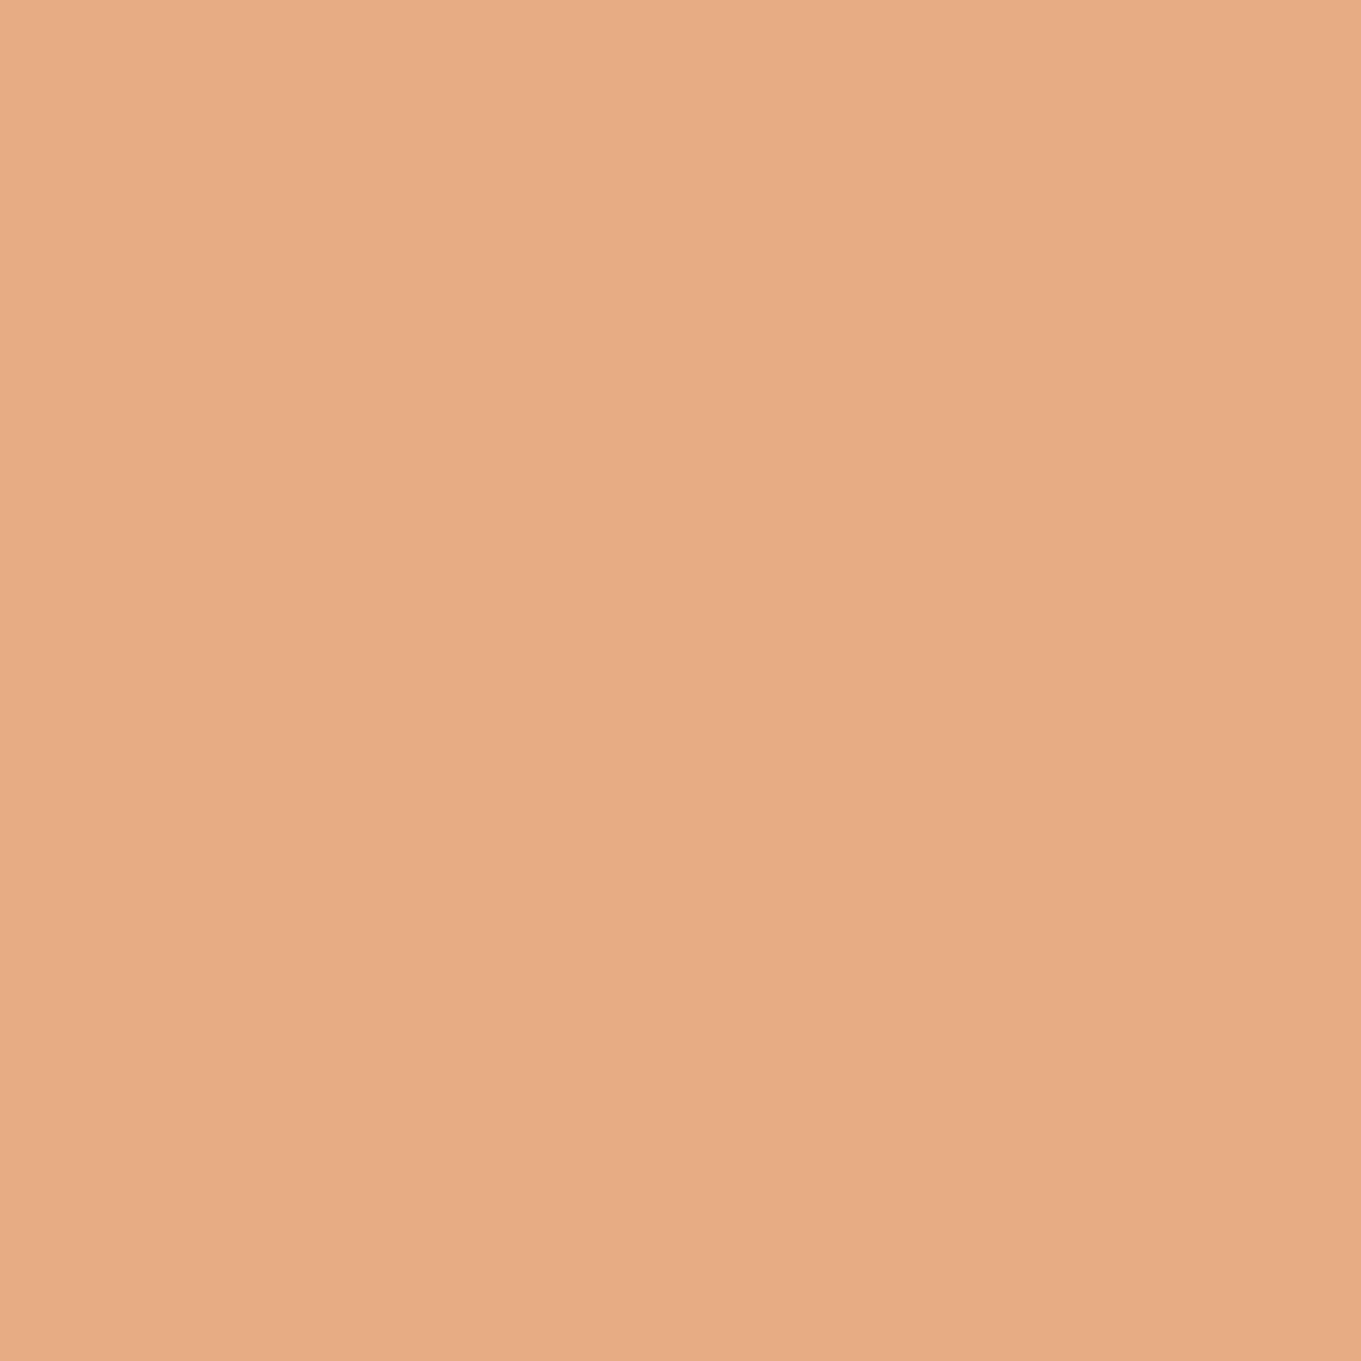 概要フィクション糸SANMIMORE(サンミモレ化粧品) UVパクト 56号ライトピンク (レフィル 替パフ付)